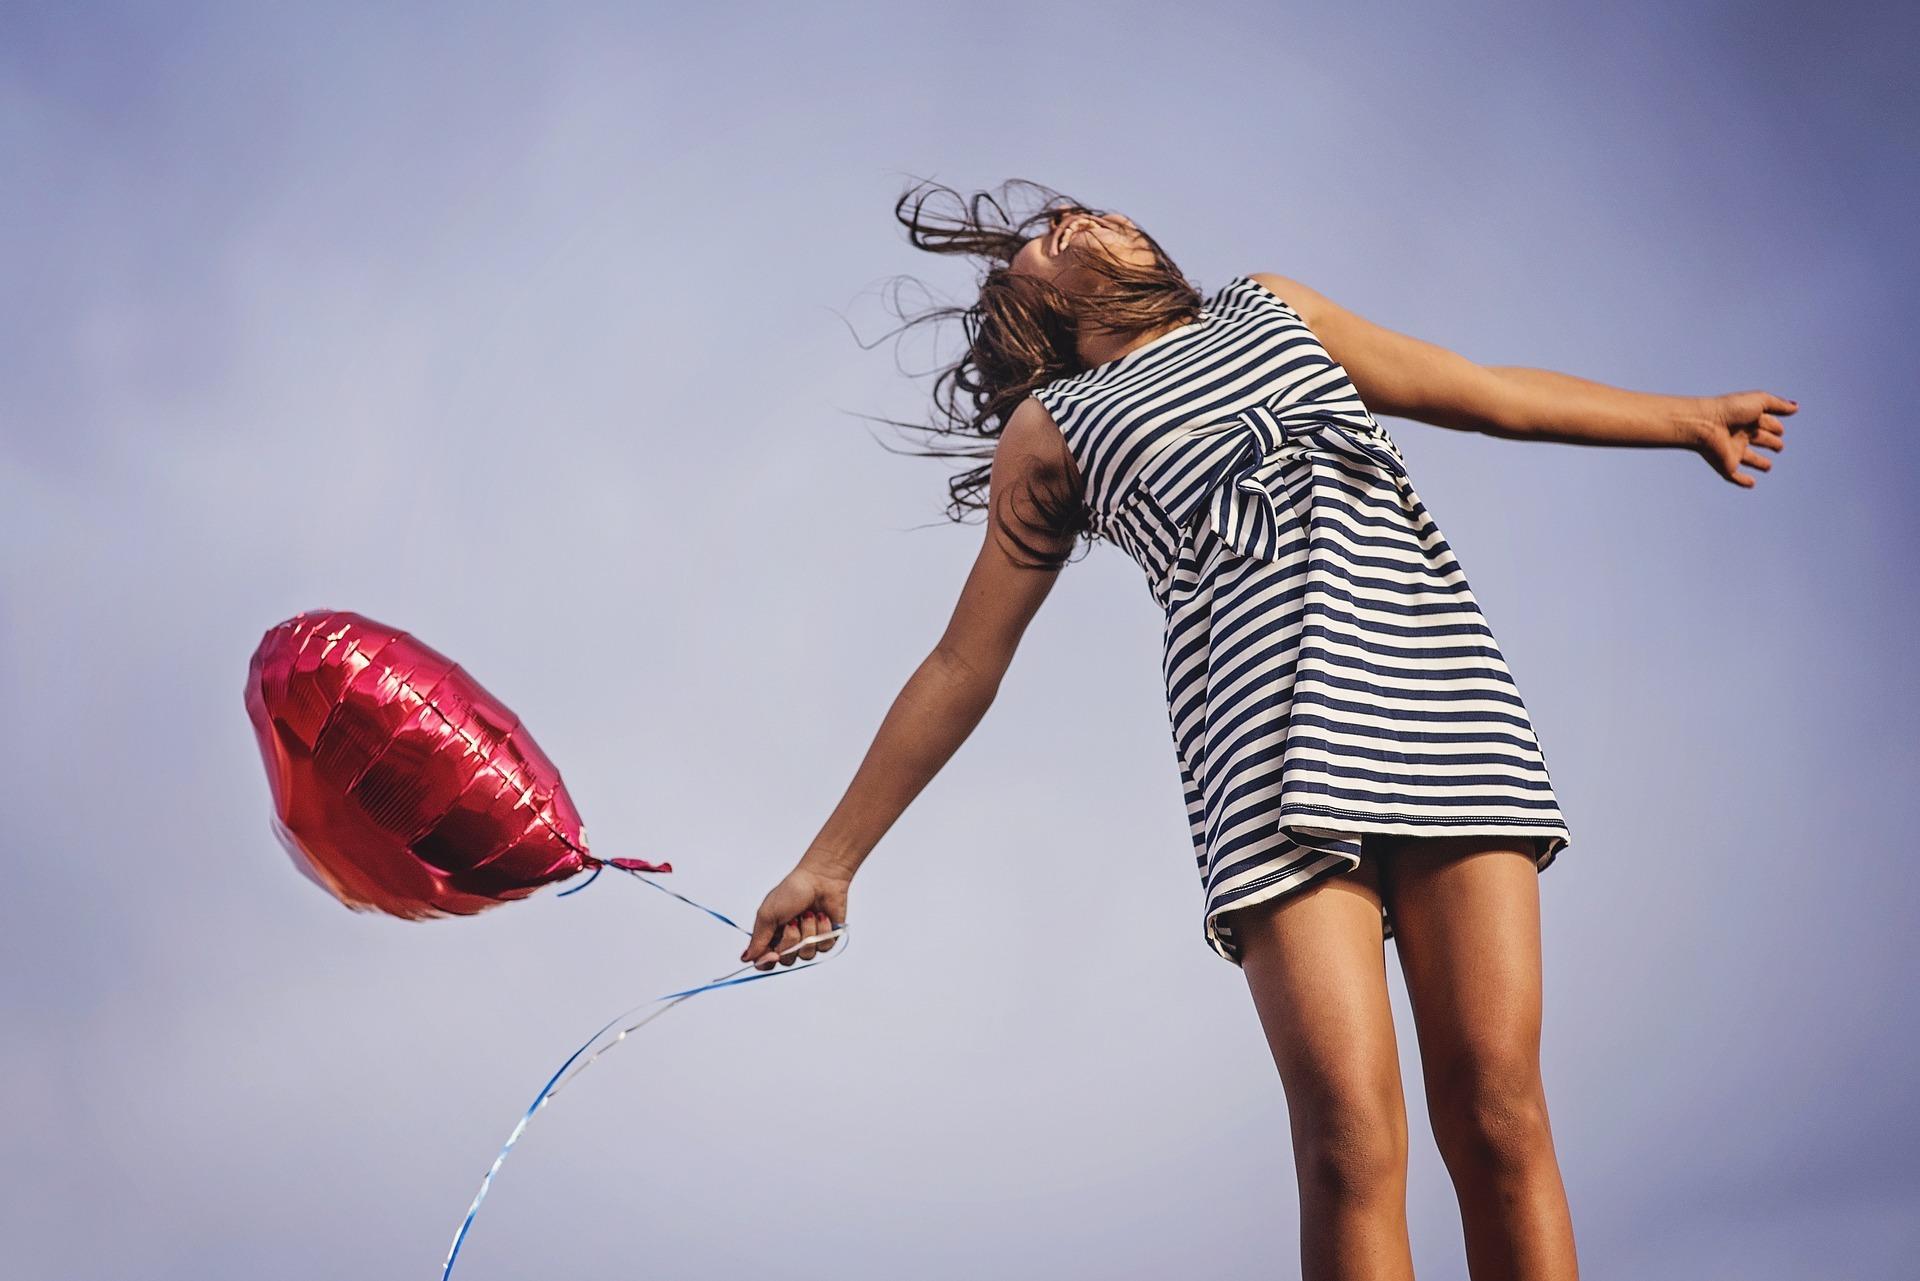 Freude am Leben - Entschleunigung und Zufriedenheit auf konsumguerilla.de